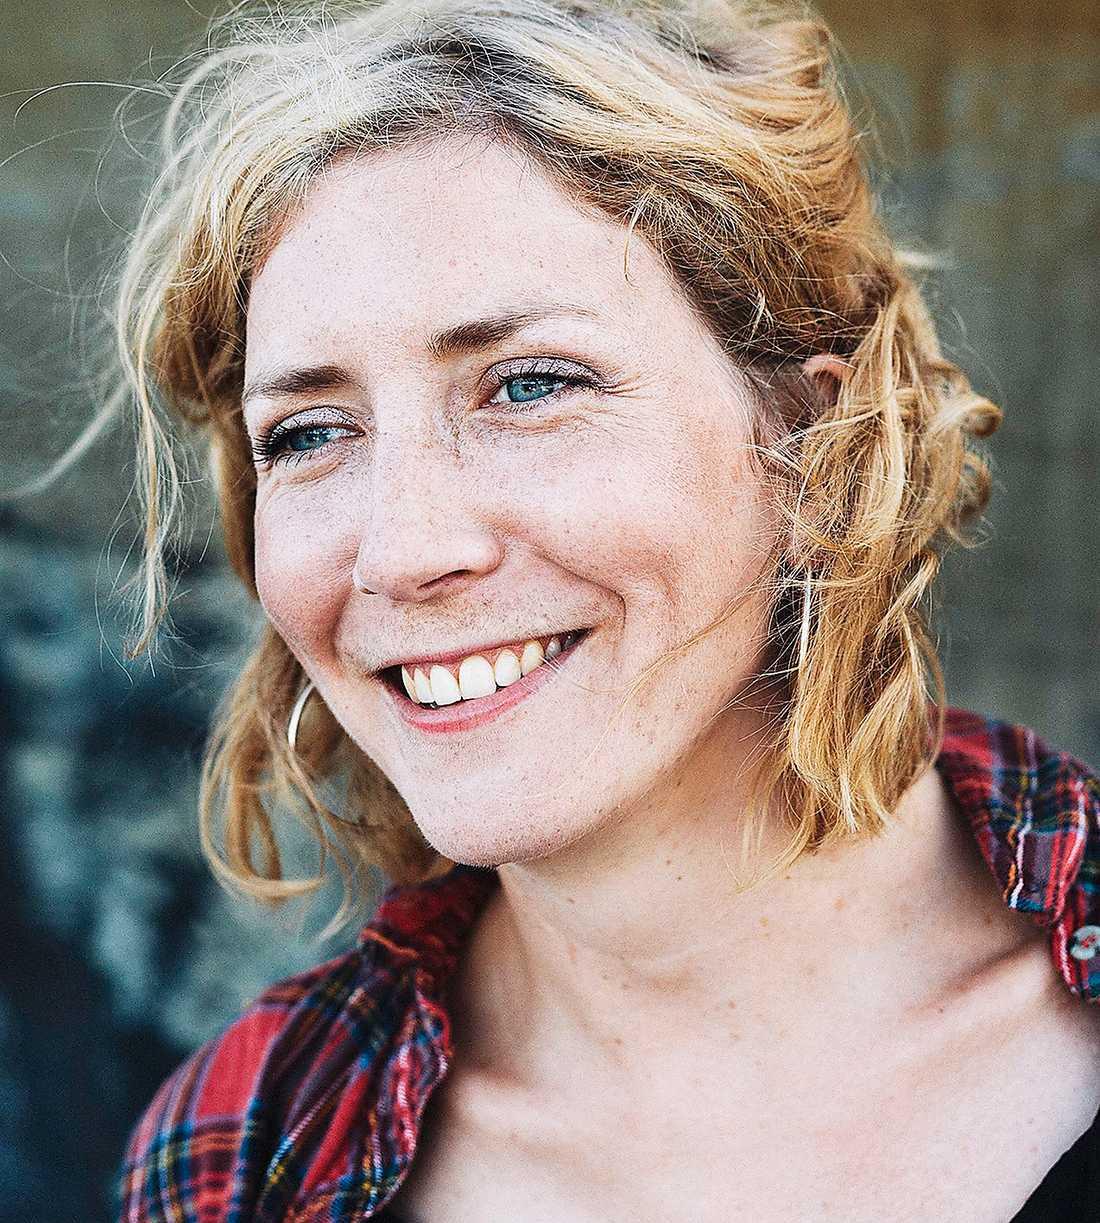 """Amanda Svenssons avslappnade och livliga stil smittar av sig på läsaren. """"Ett system så magnifikt att det bländar"""" är både underhållande, medryckande och rörande, skriver en förtjust Jenny Högström."""